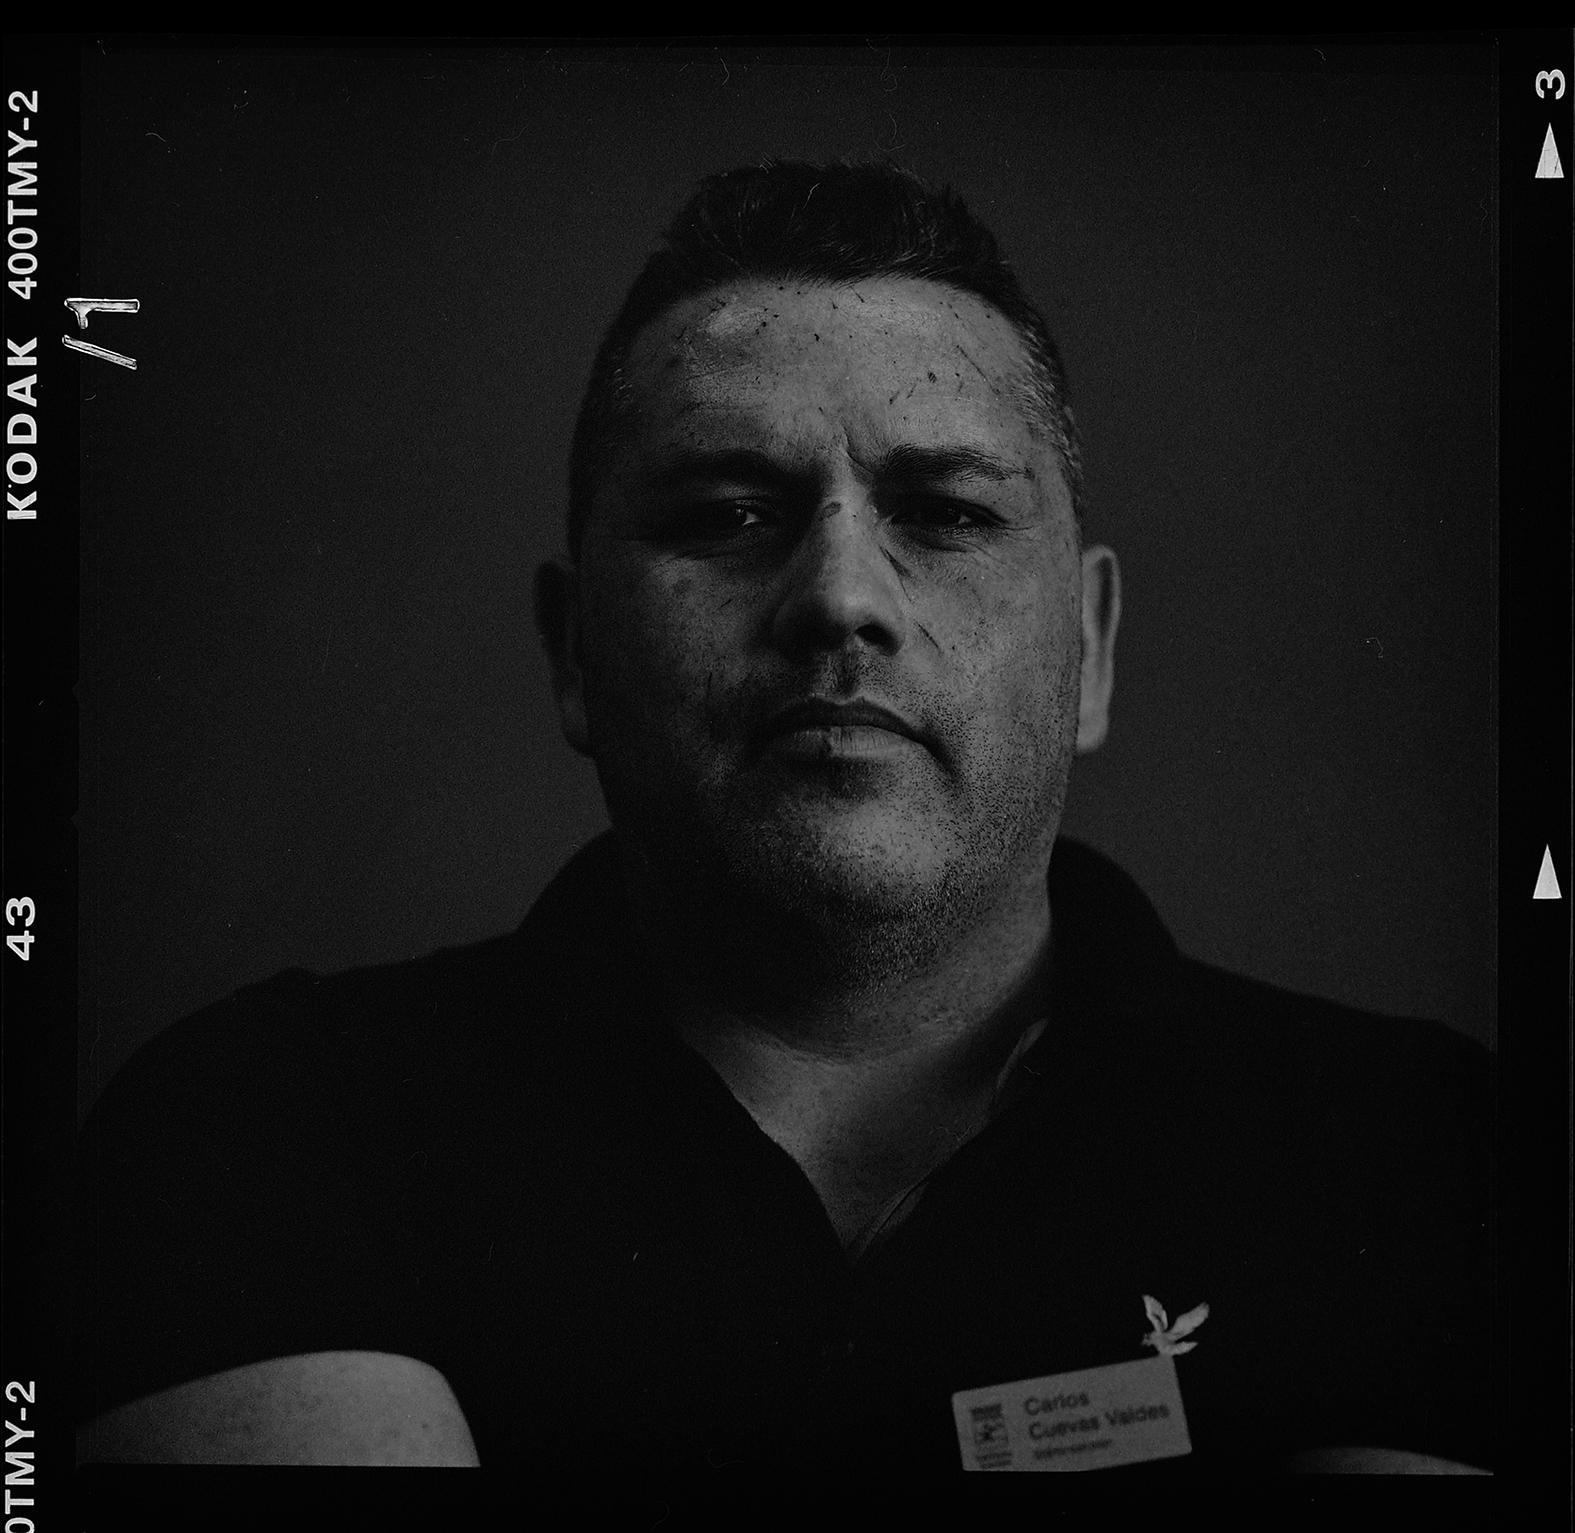 Carlos Cuevas Valdes släkte elden på skolan. Fotograferad 23/9-2016, med Hasselblad 500cm och 150mm f4-1/125 sek. T-max 400 svartvit film.